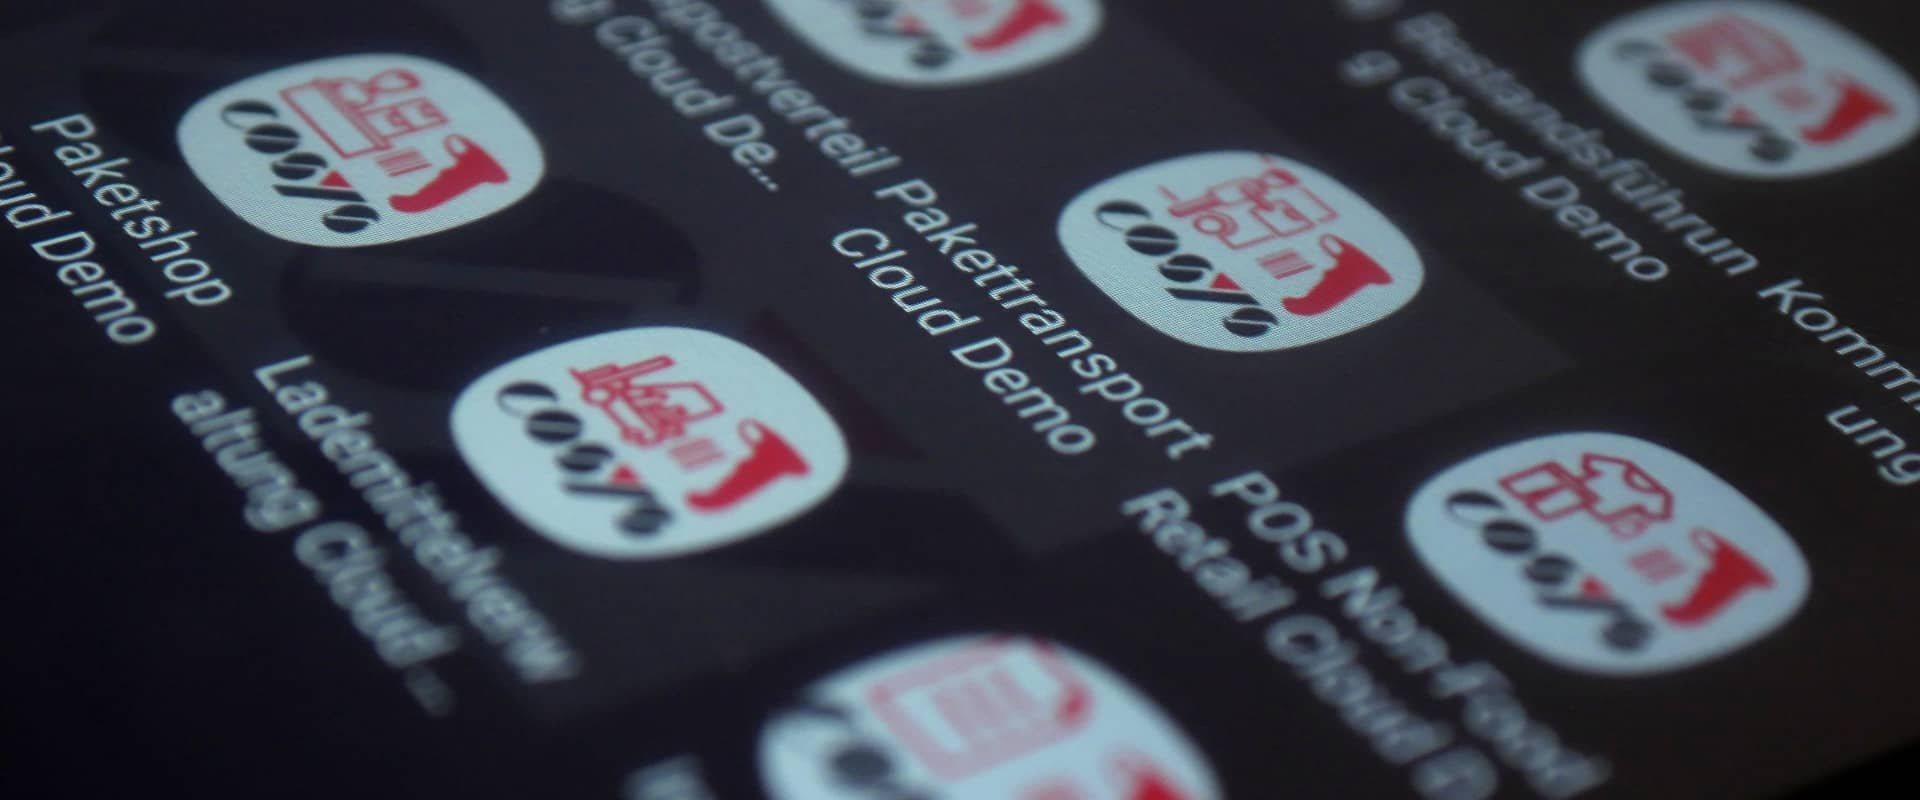 Die passende mobile Software für Ihre Lieferkette kostenlos testen